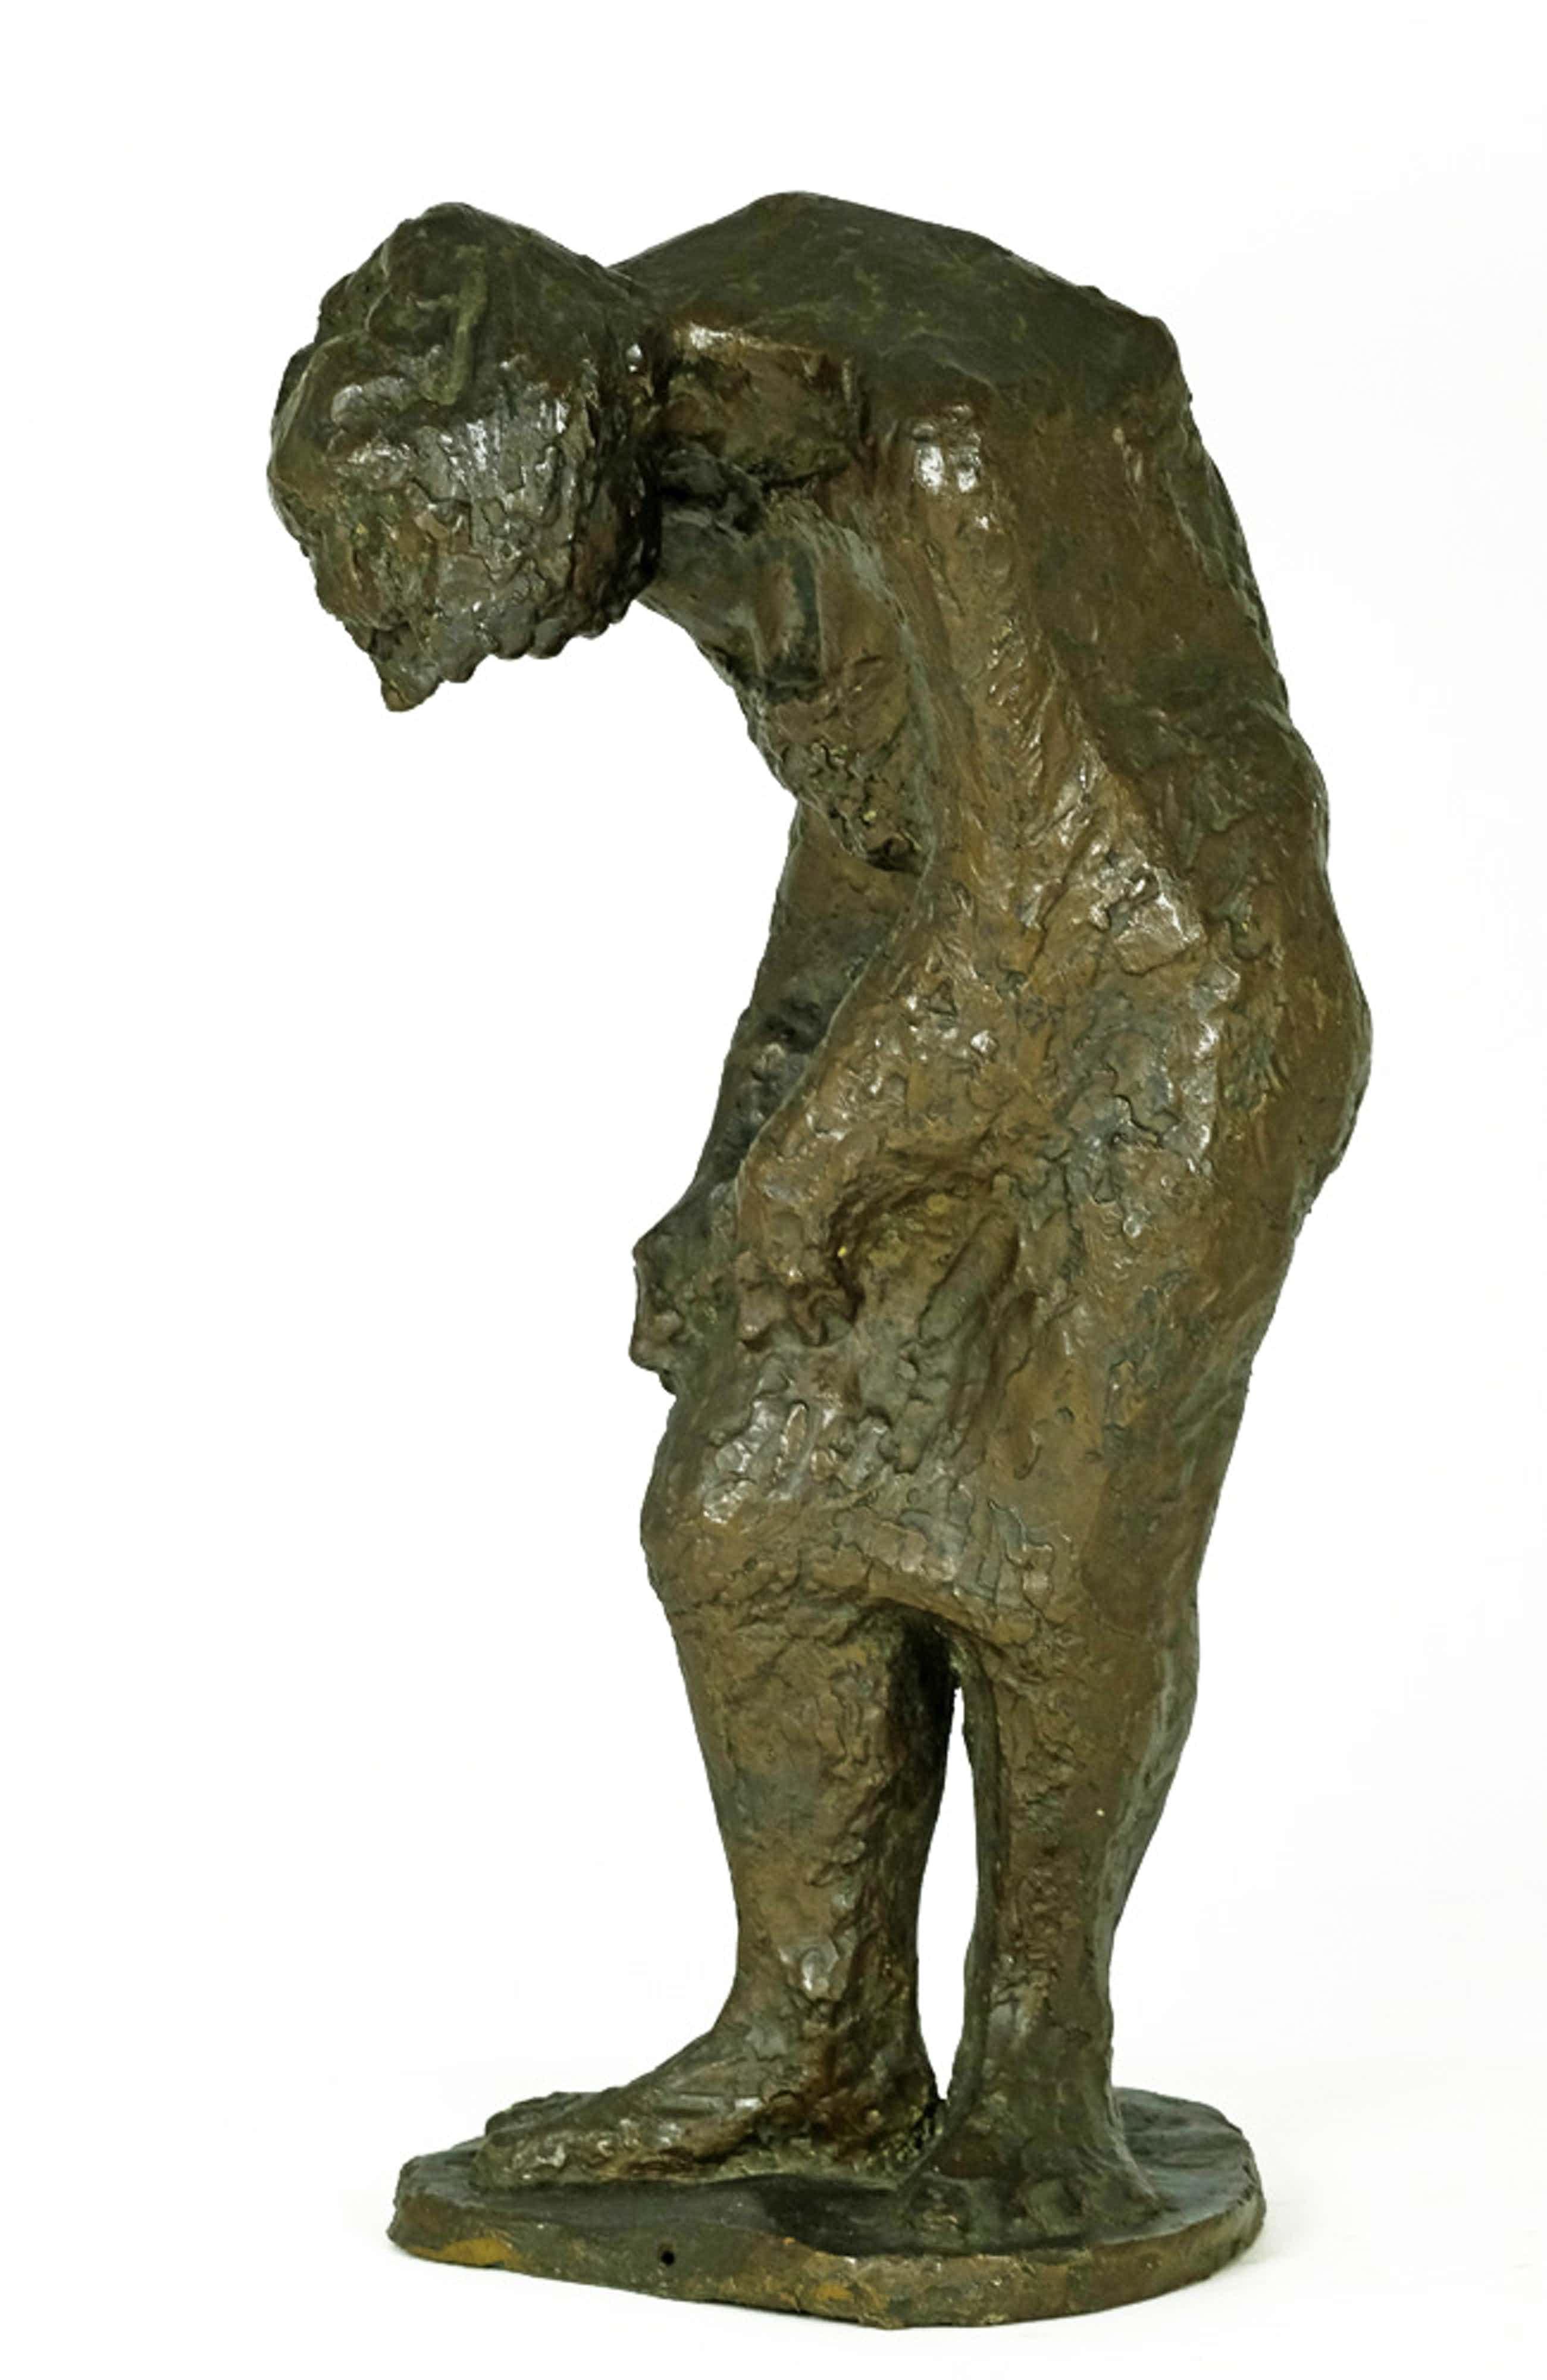 Brons (Onbekend) - Bronzen sculptuur van dame - met monogram kopen? Bied vanaf 1750!